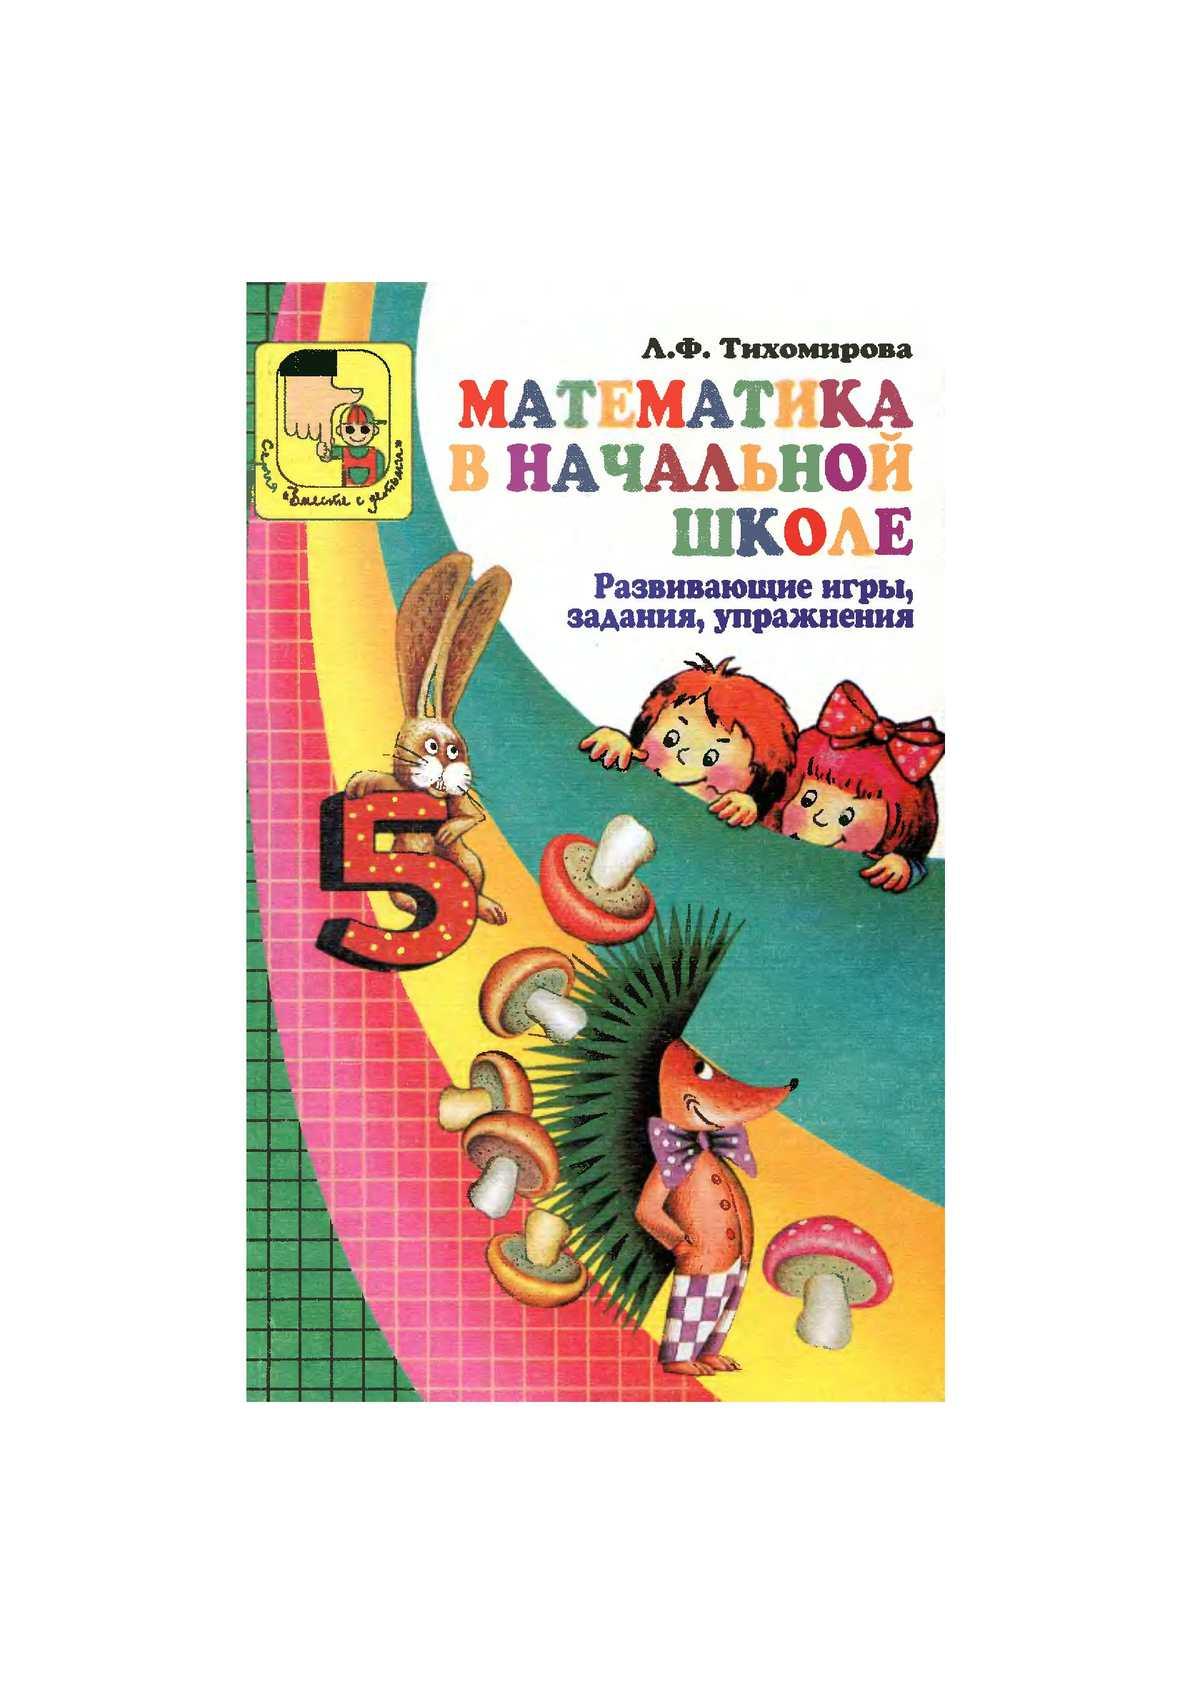 MatematikaVNachShkole_1-4_Tihomirova_rus